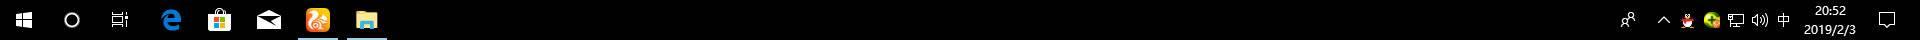 WIN10状态栏透明插件